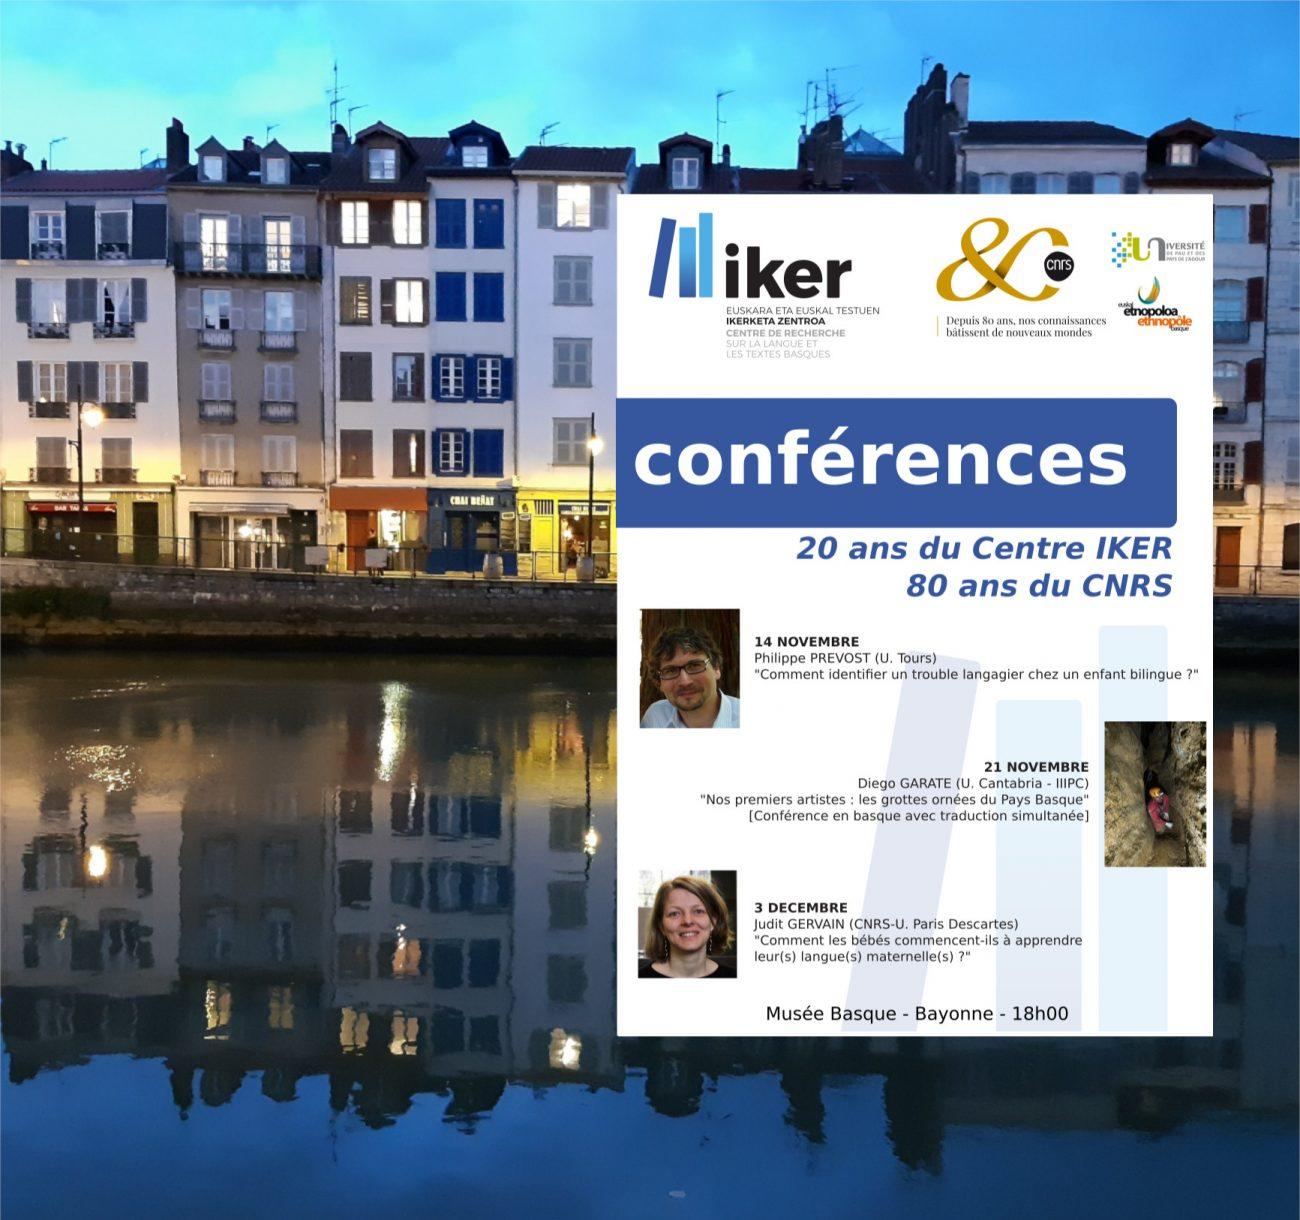 Conférences 20 ans d'IKER & 80 ans du CNRS